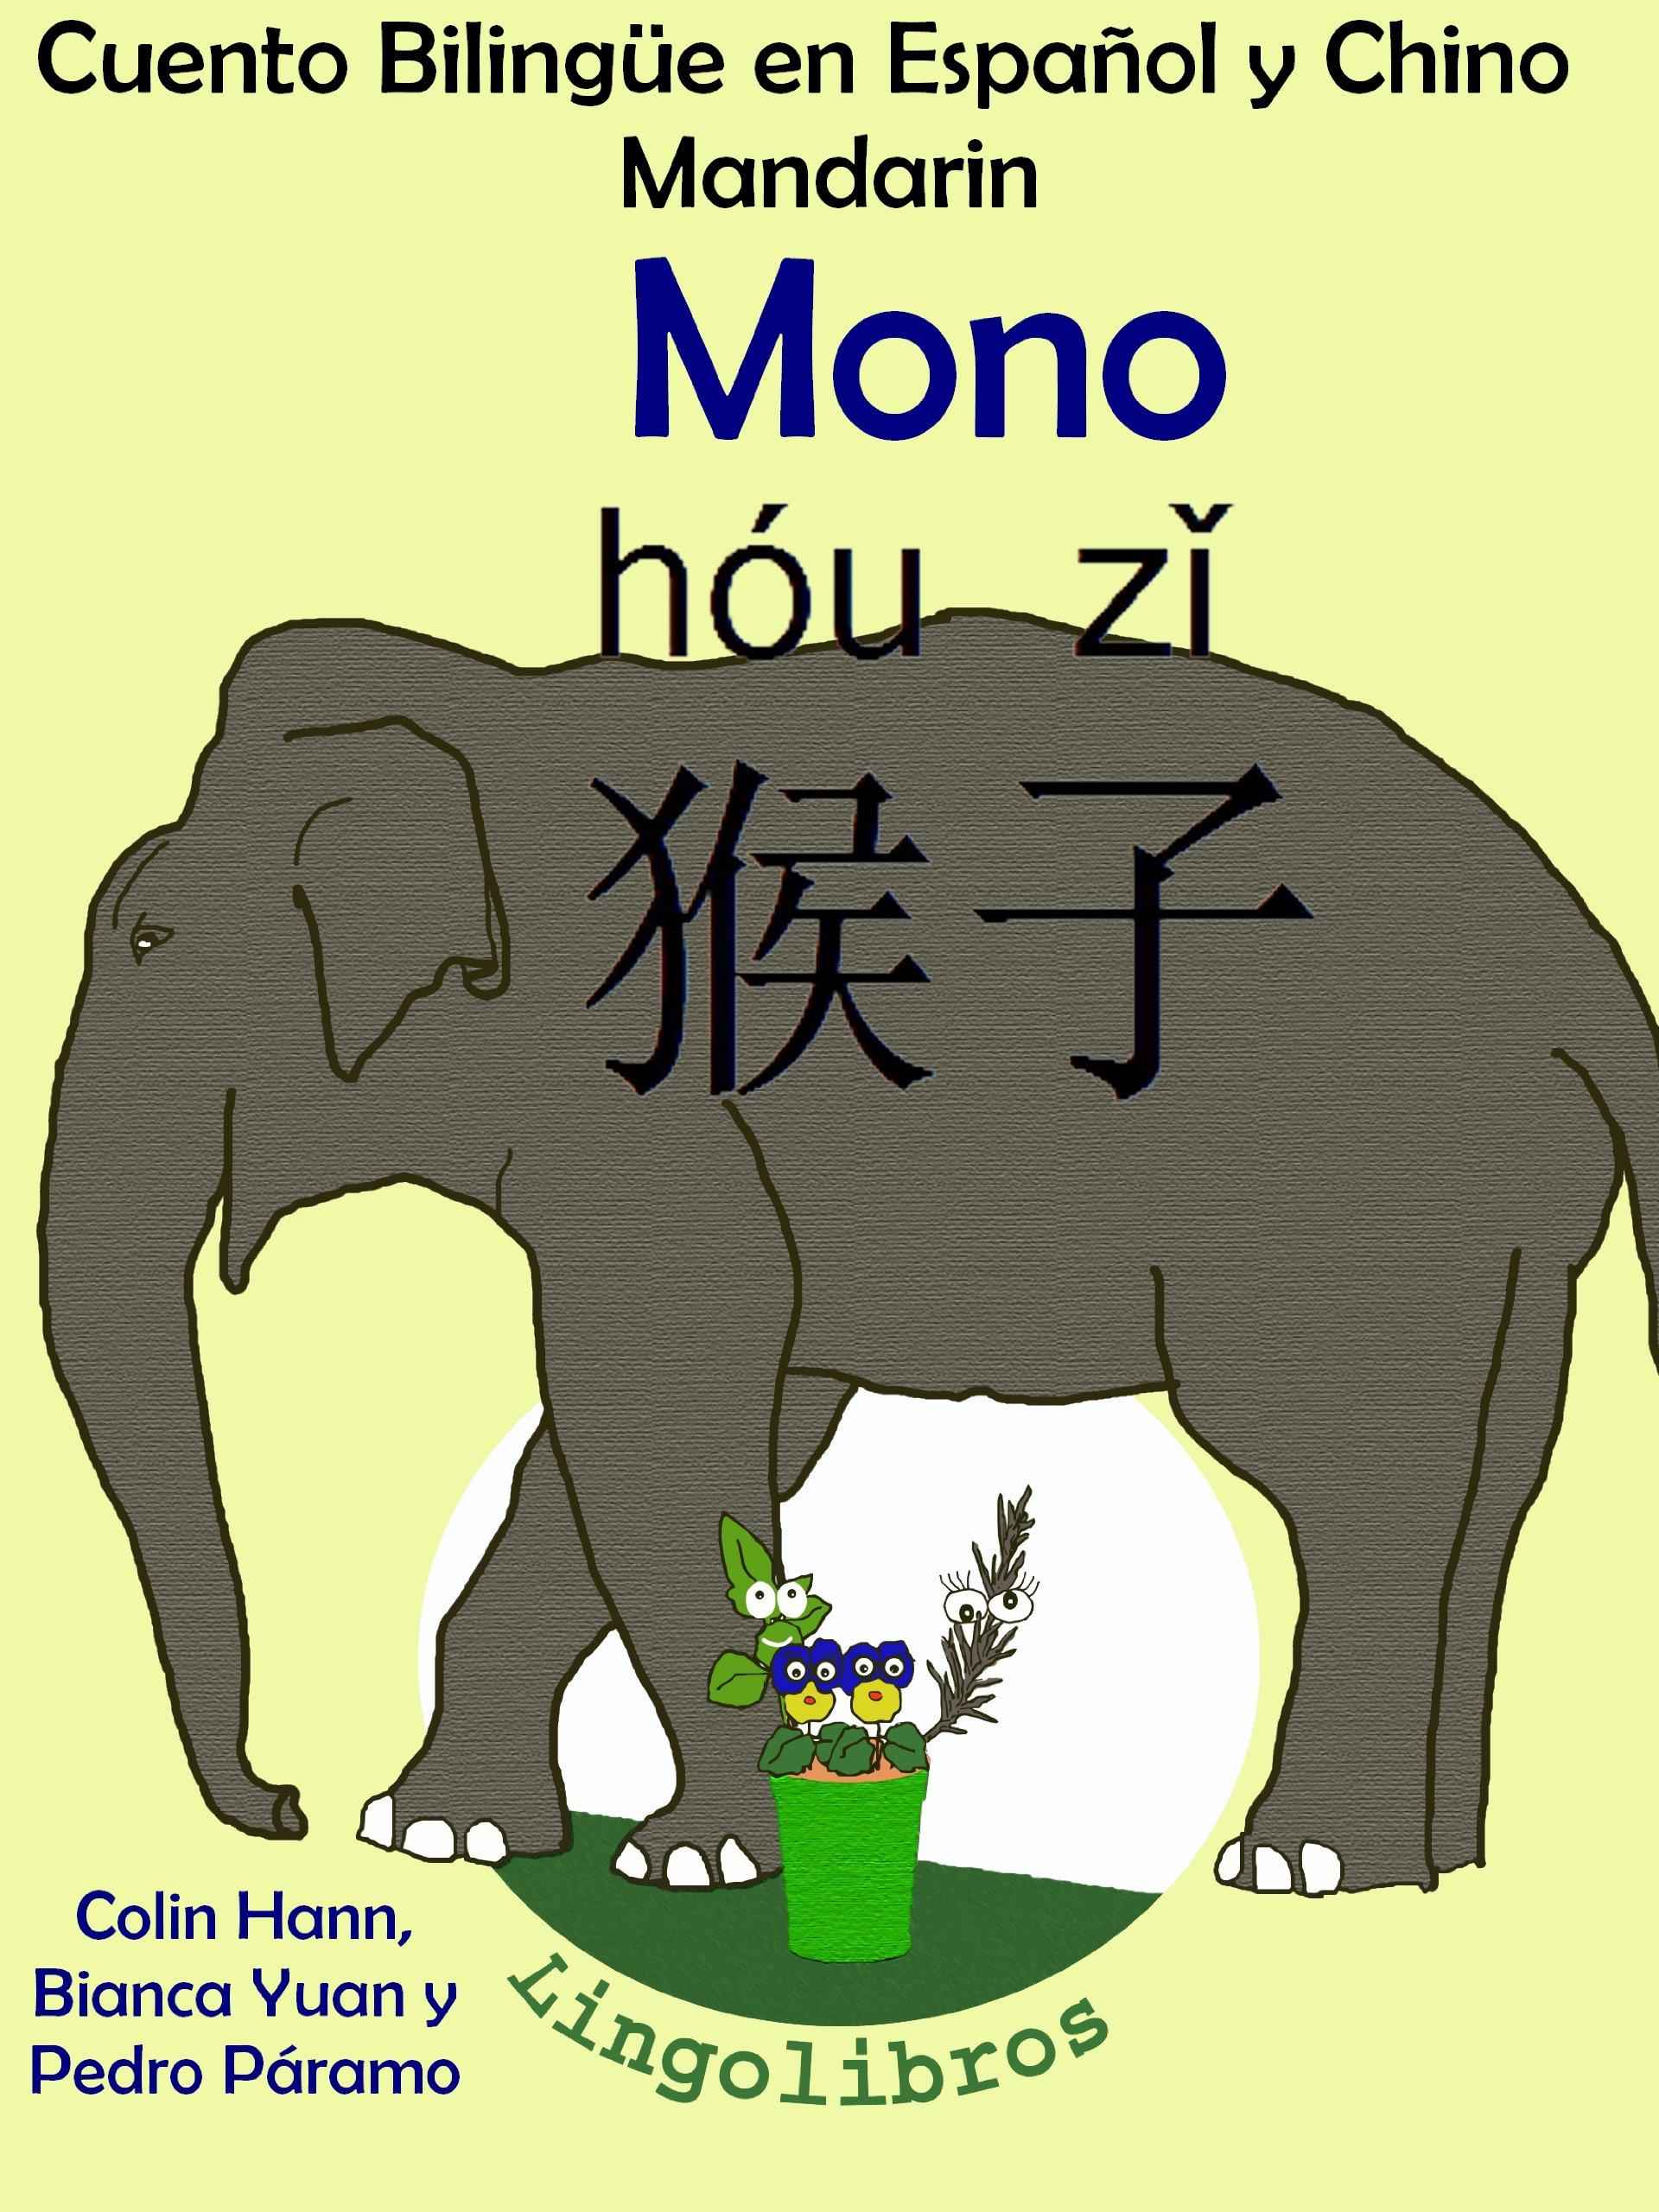 Cuento Bilingüe en Chino Mandarin y Español — Mono (Serie - Los animales y Macetas nº 3)